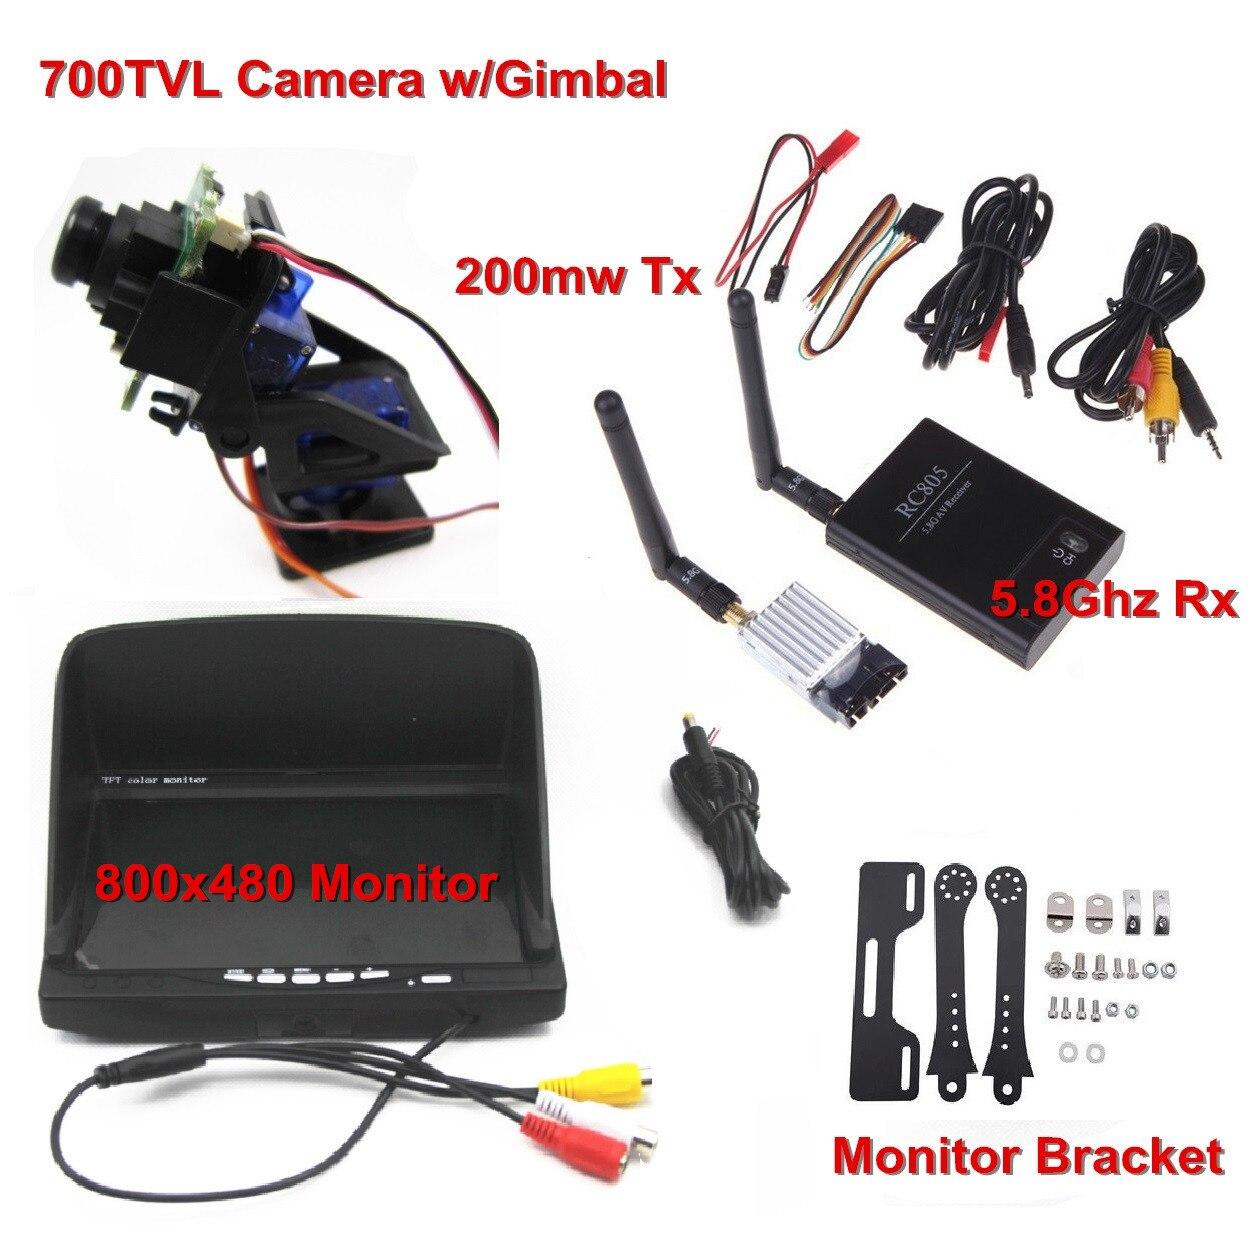 FPV-системы Combo 5.8 ГГц FPV-системы Системы 700TVL камеры W/Gimbal 5.8 ГГц RX и 200 МВт TX и 800x480 Мониторы для FPV-системы Quadcopter